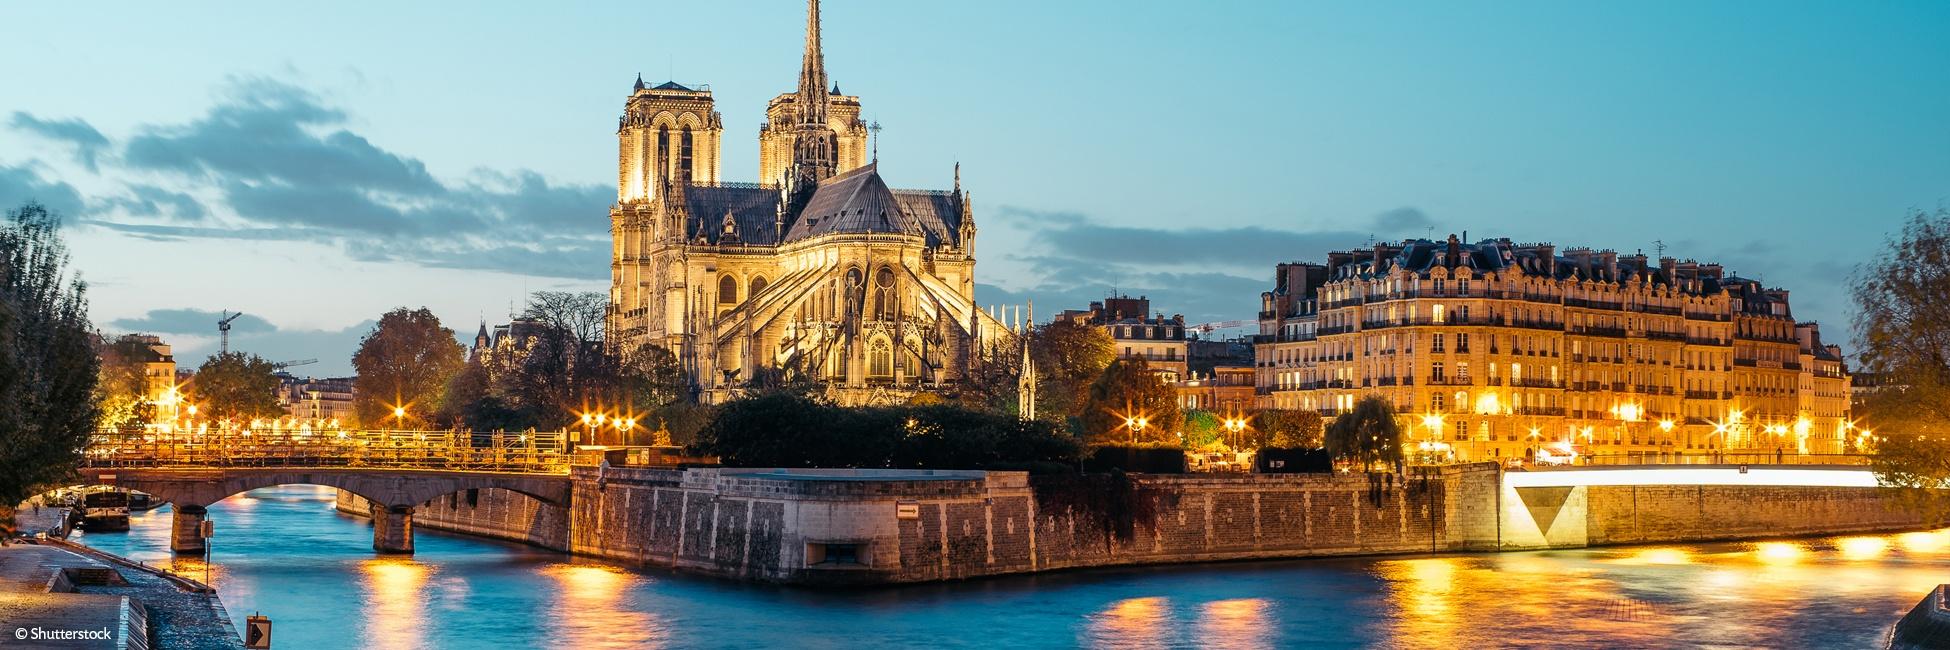 Réveillon prestigieux Paris en habits de fête (formule